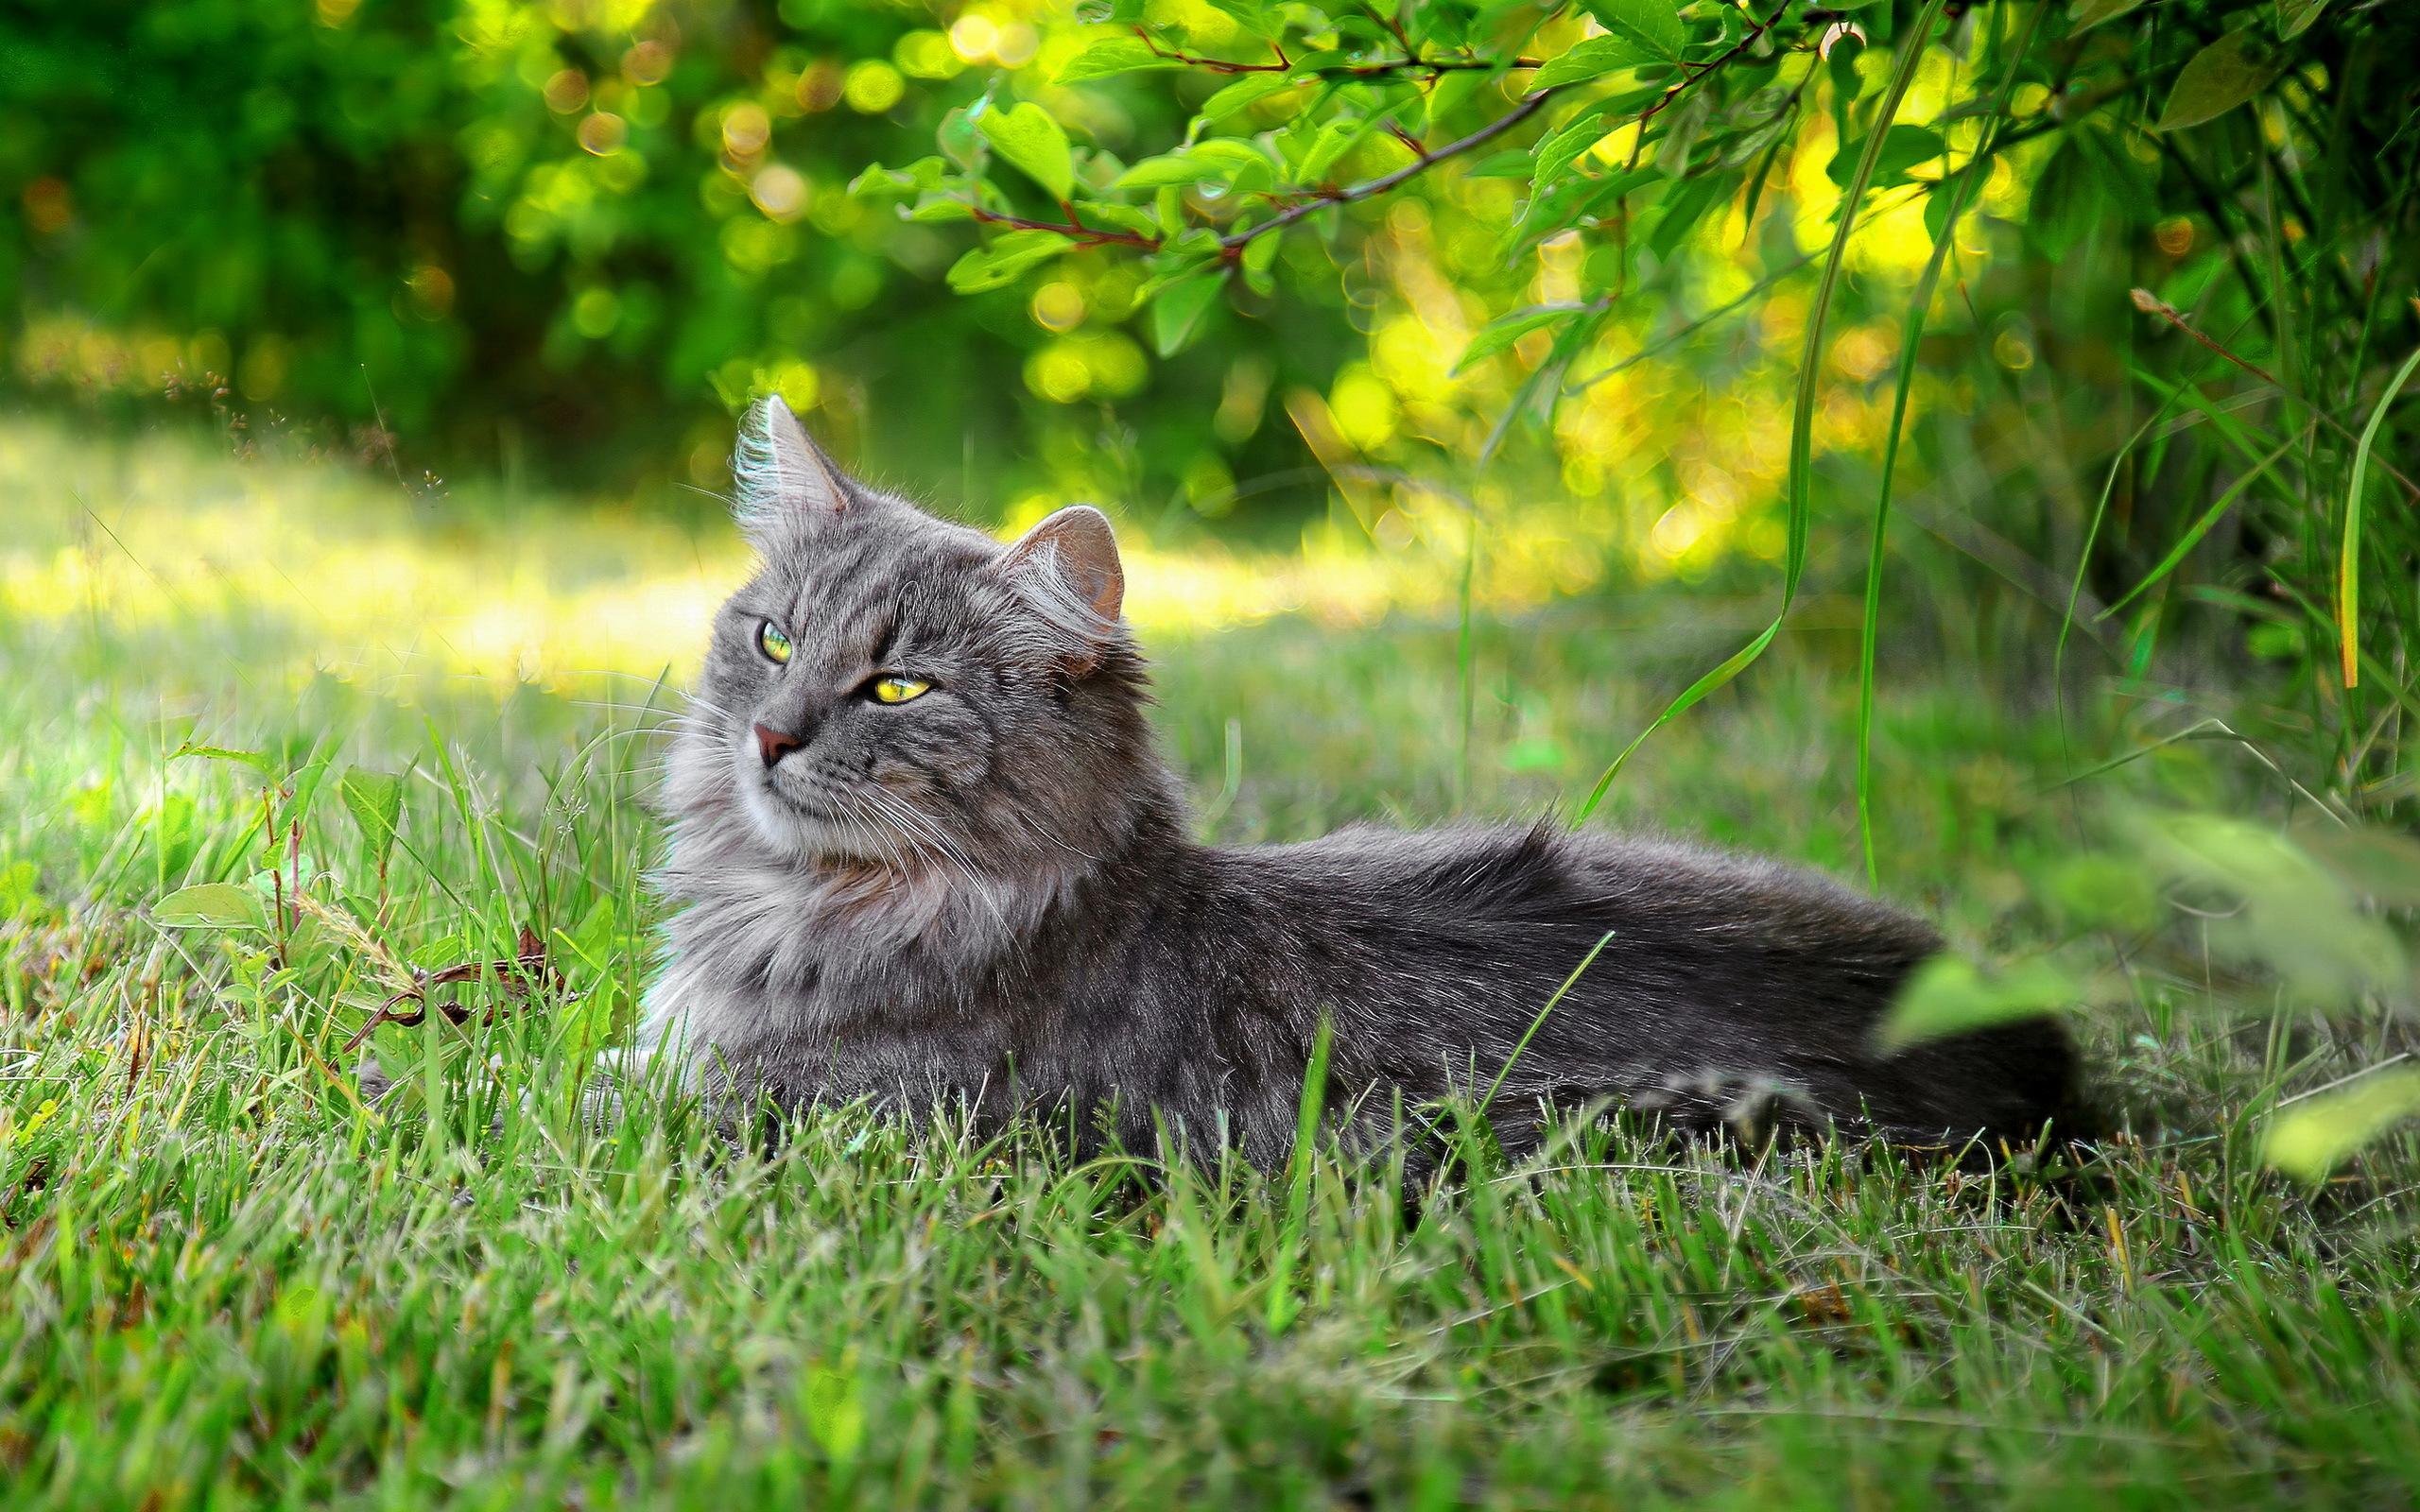 природа животные кот котенок серый журавлики nature animals cat kitten grey cranes  № 654616 бесплатно